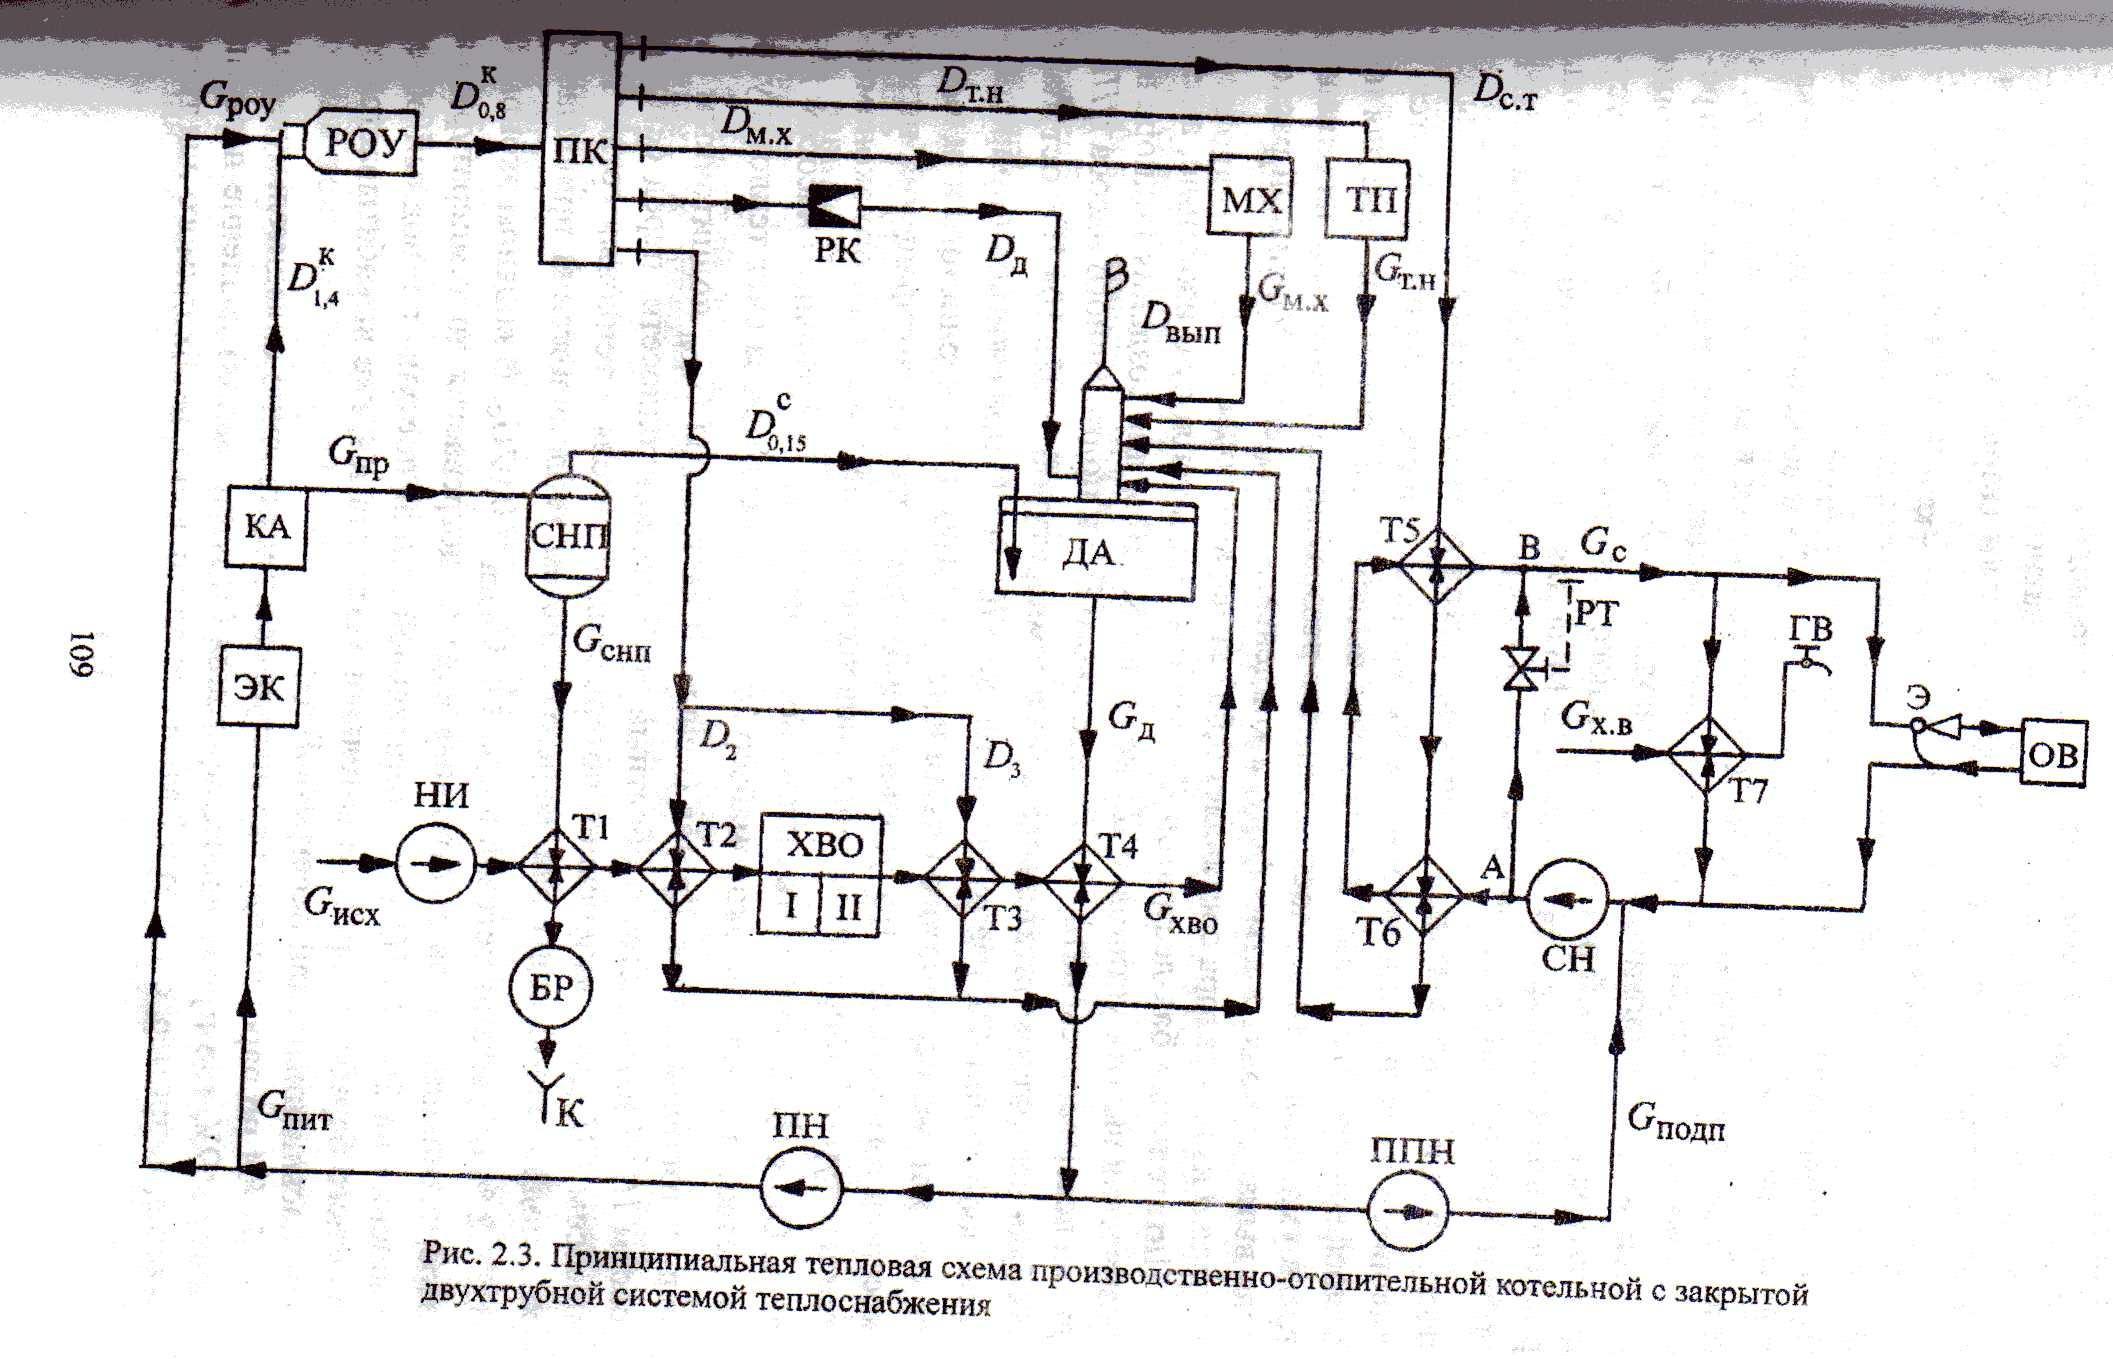 Закрытая схема горячего водоснабжения фото 265